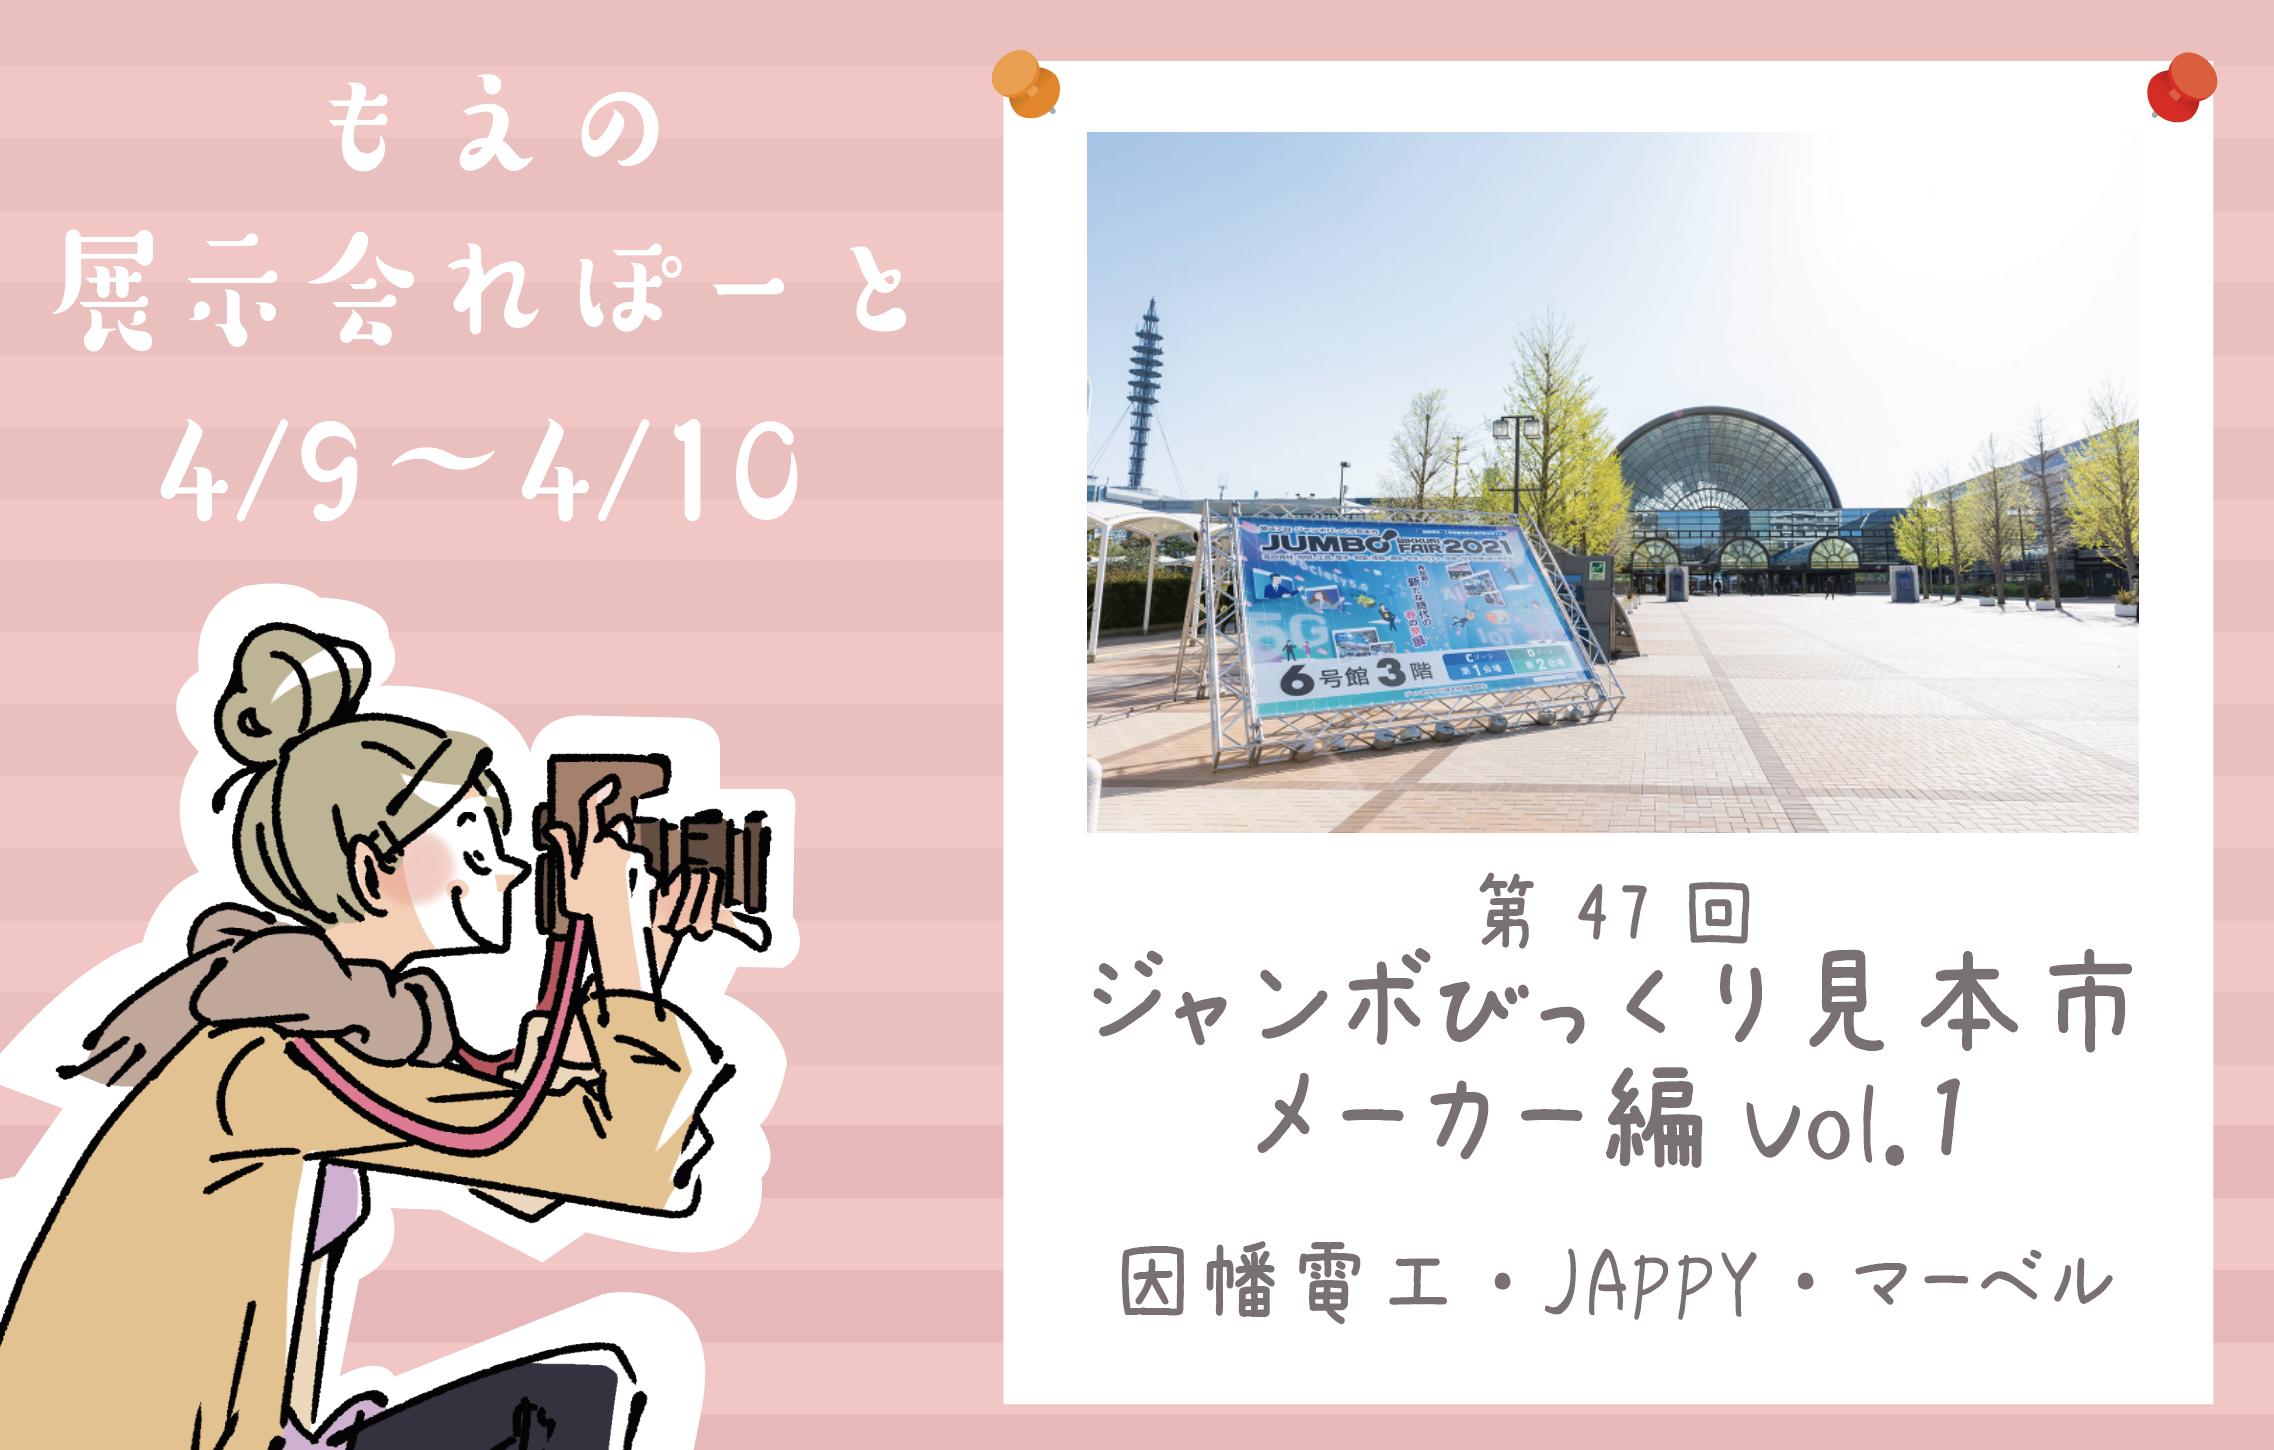 もえの展示会れぽーと【32】第47回 ジャンボびっくり見本市に行ってきました!メーカー編 Vol.1の画像